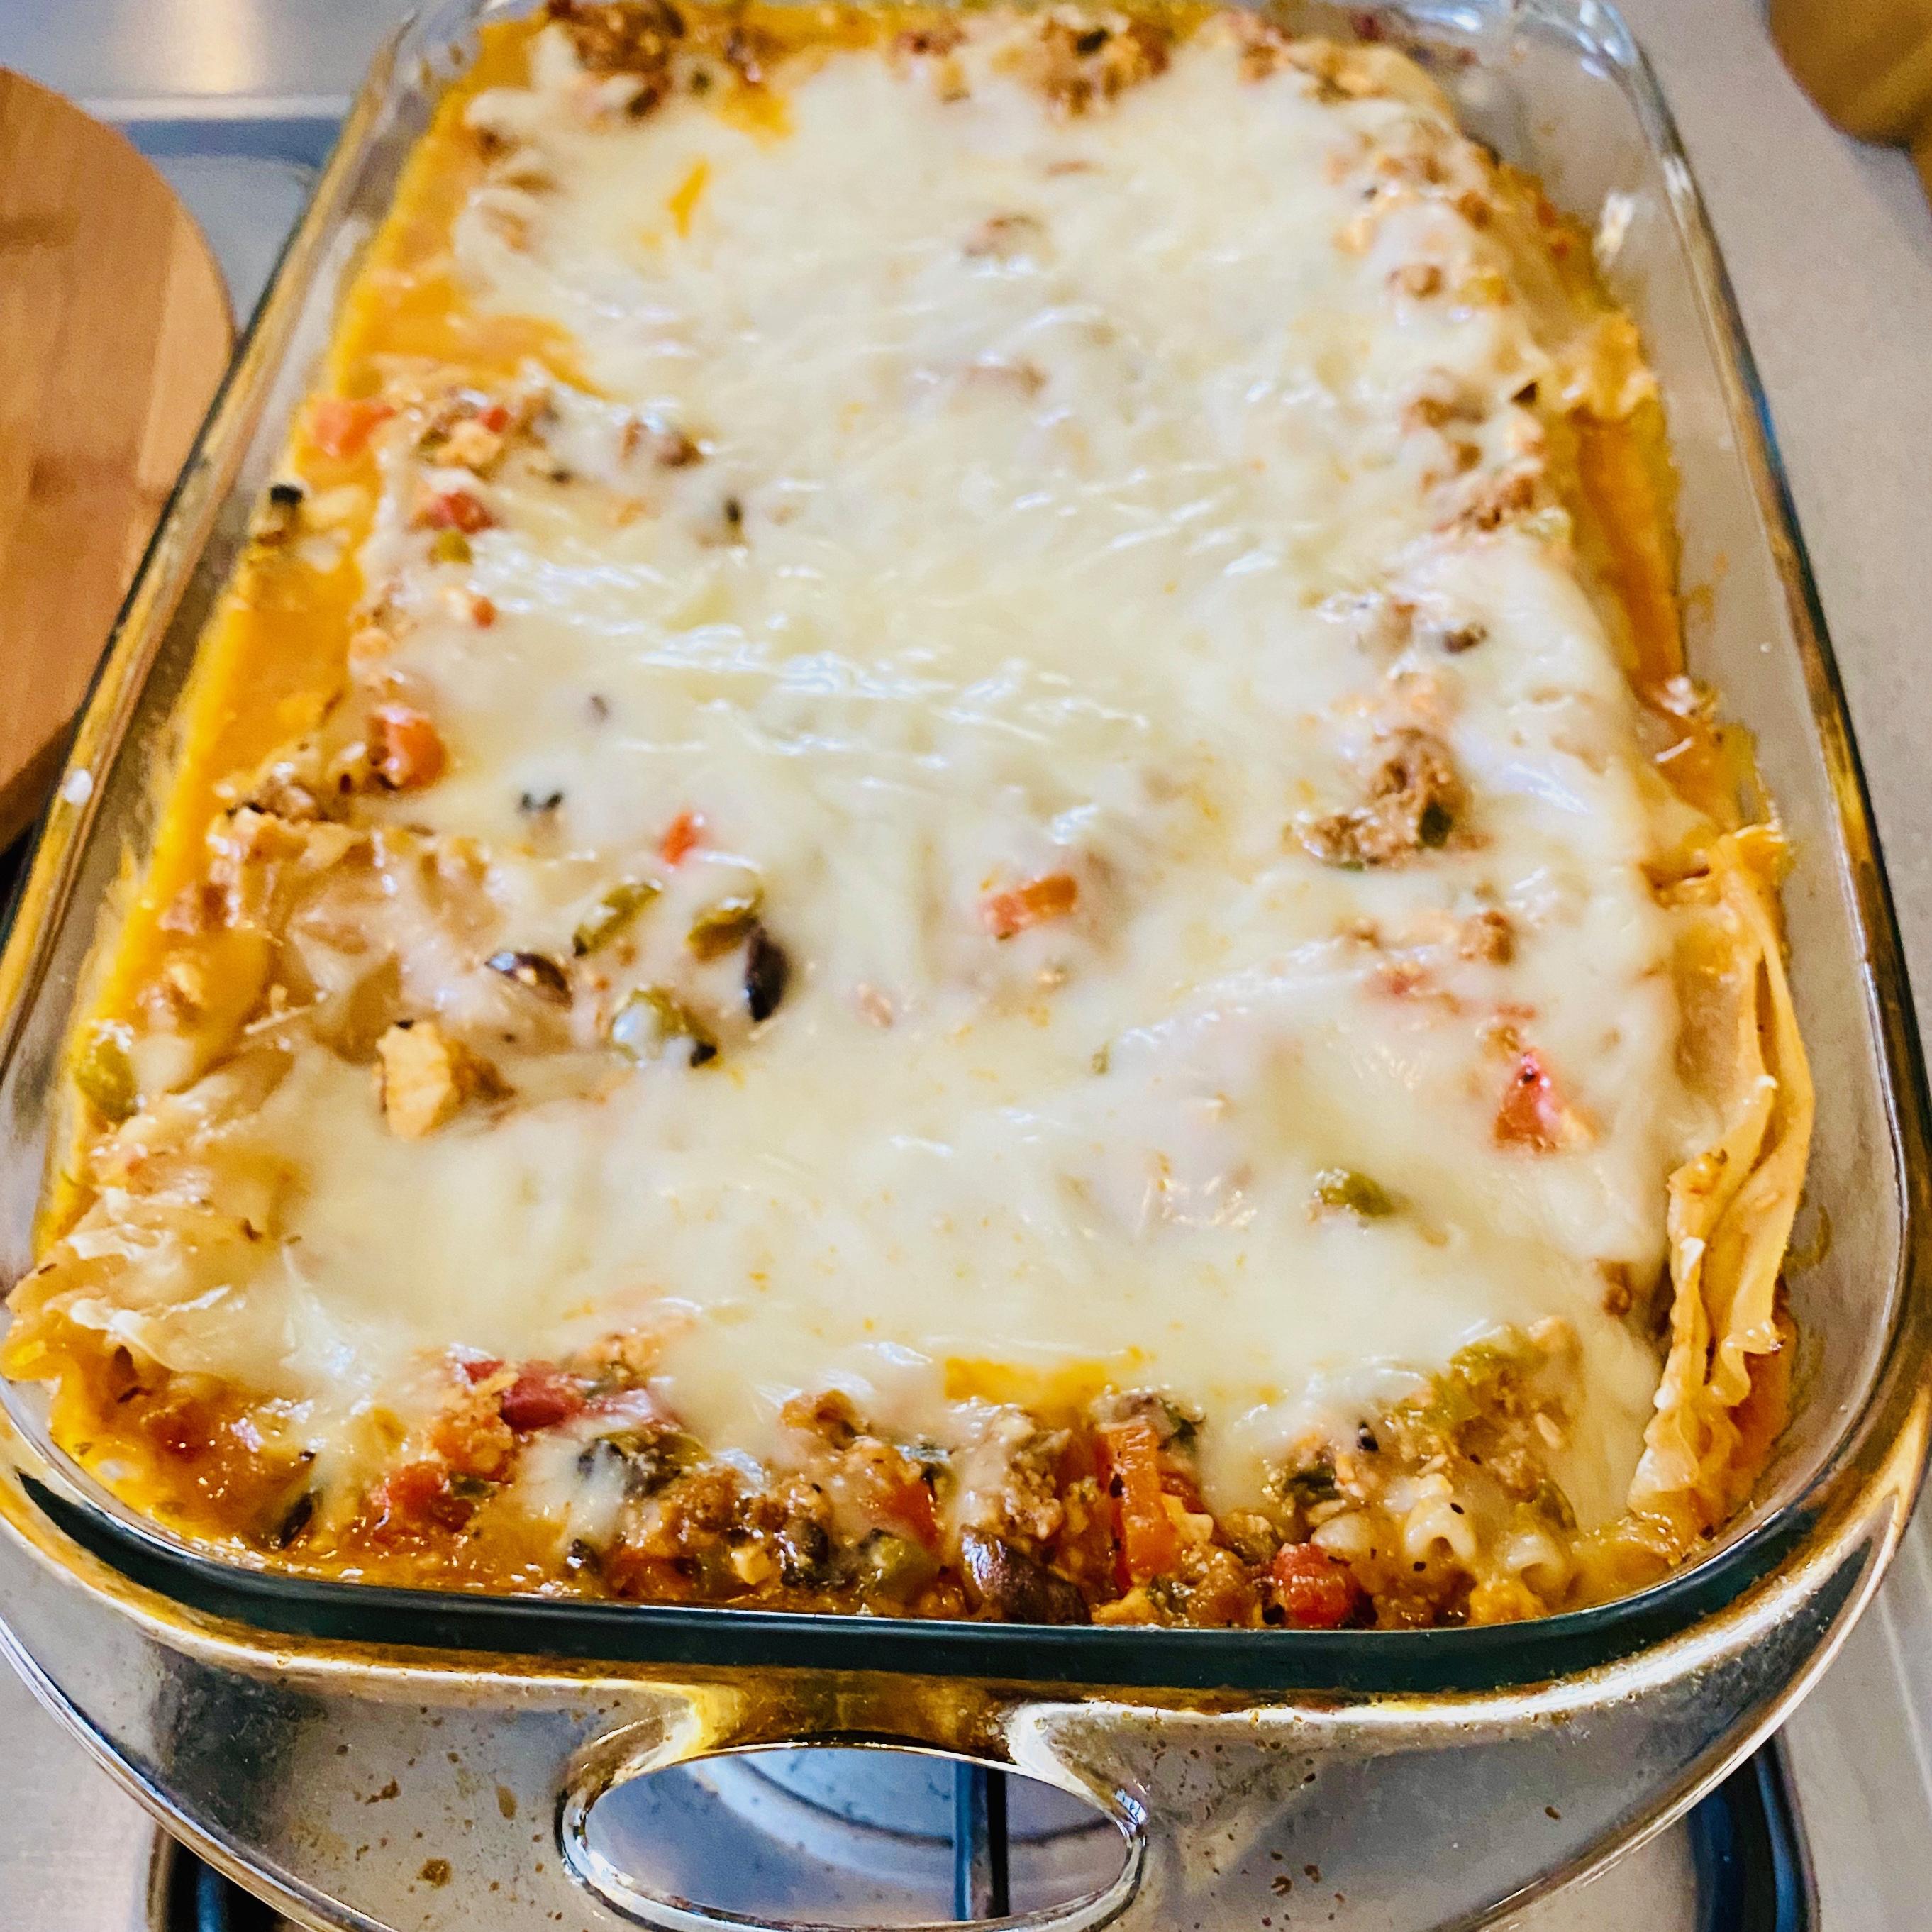 Michelle's Vegan Lasagna